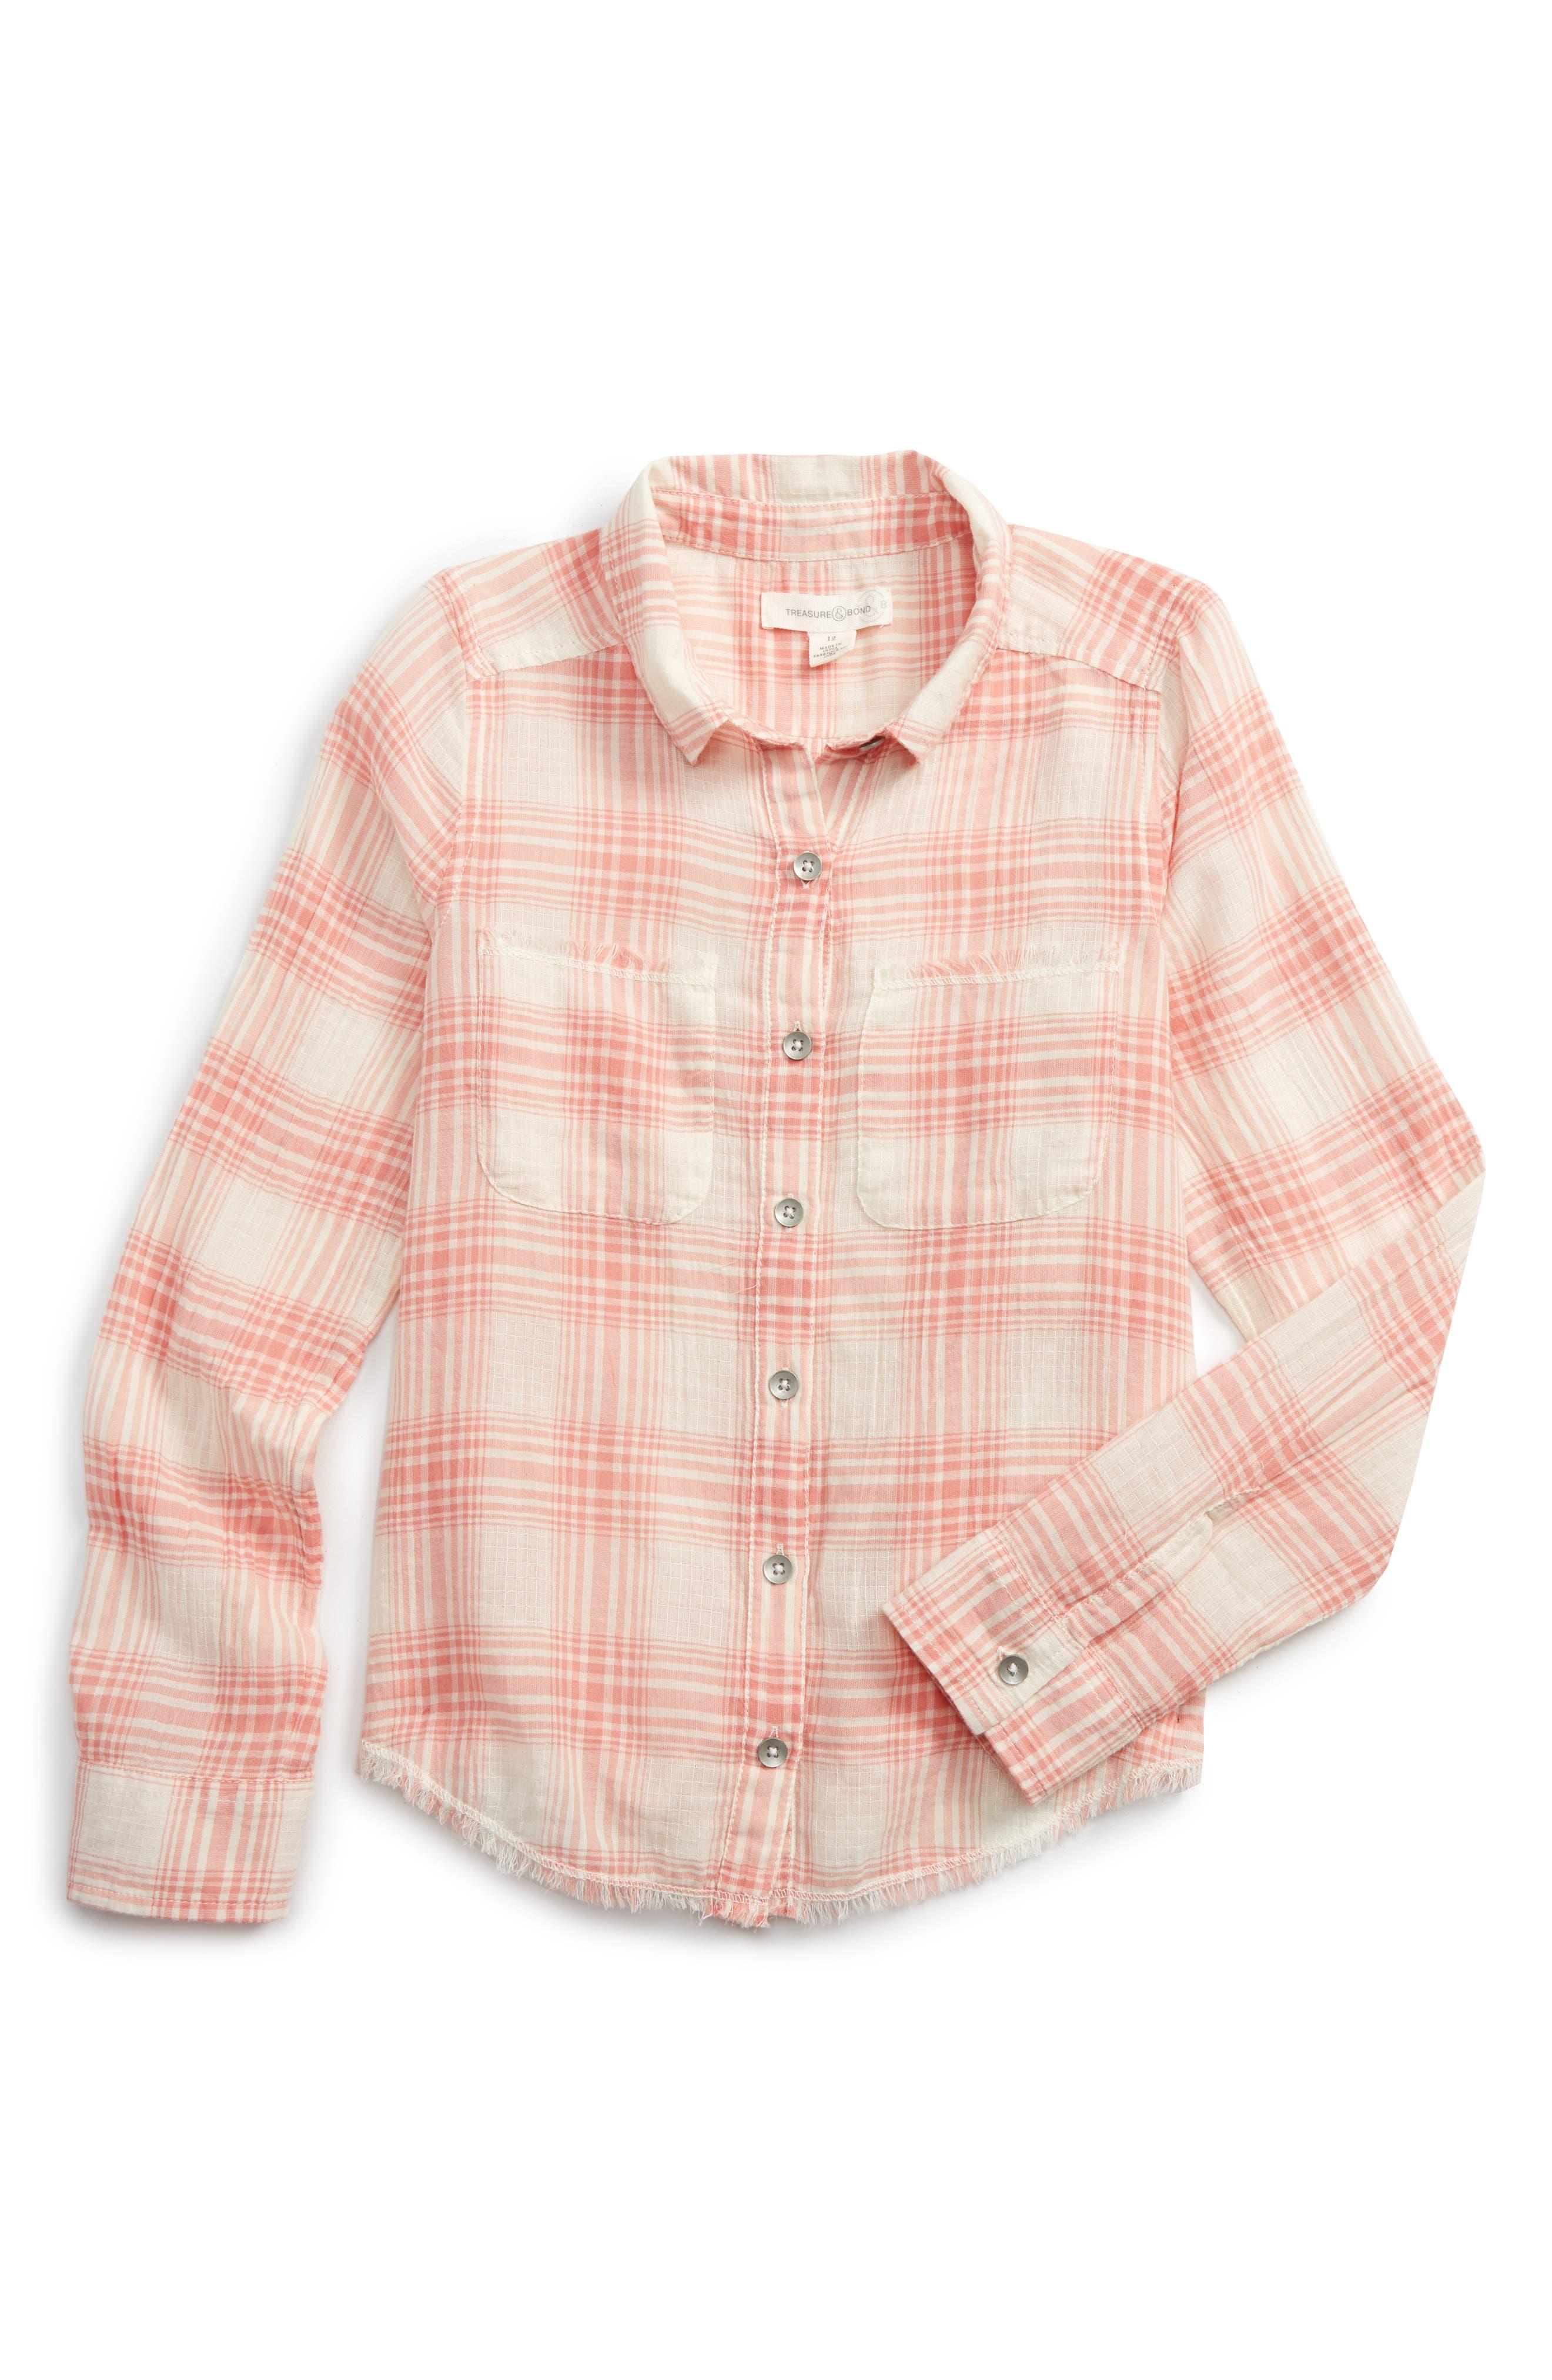 Plaid Shirt,                             Main thumbnail 1, color,                             Pink Lily Summer Plaid